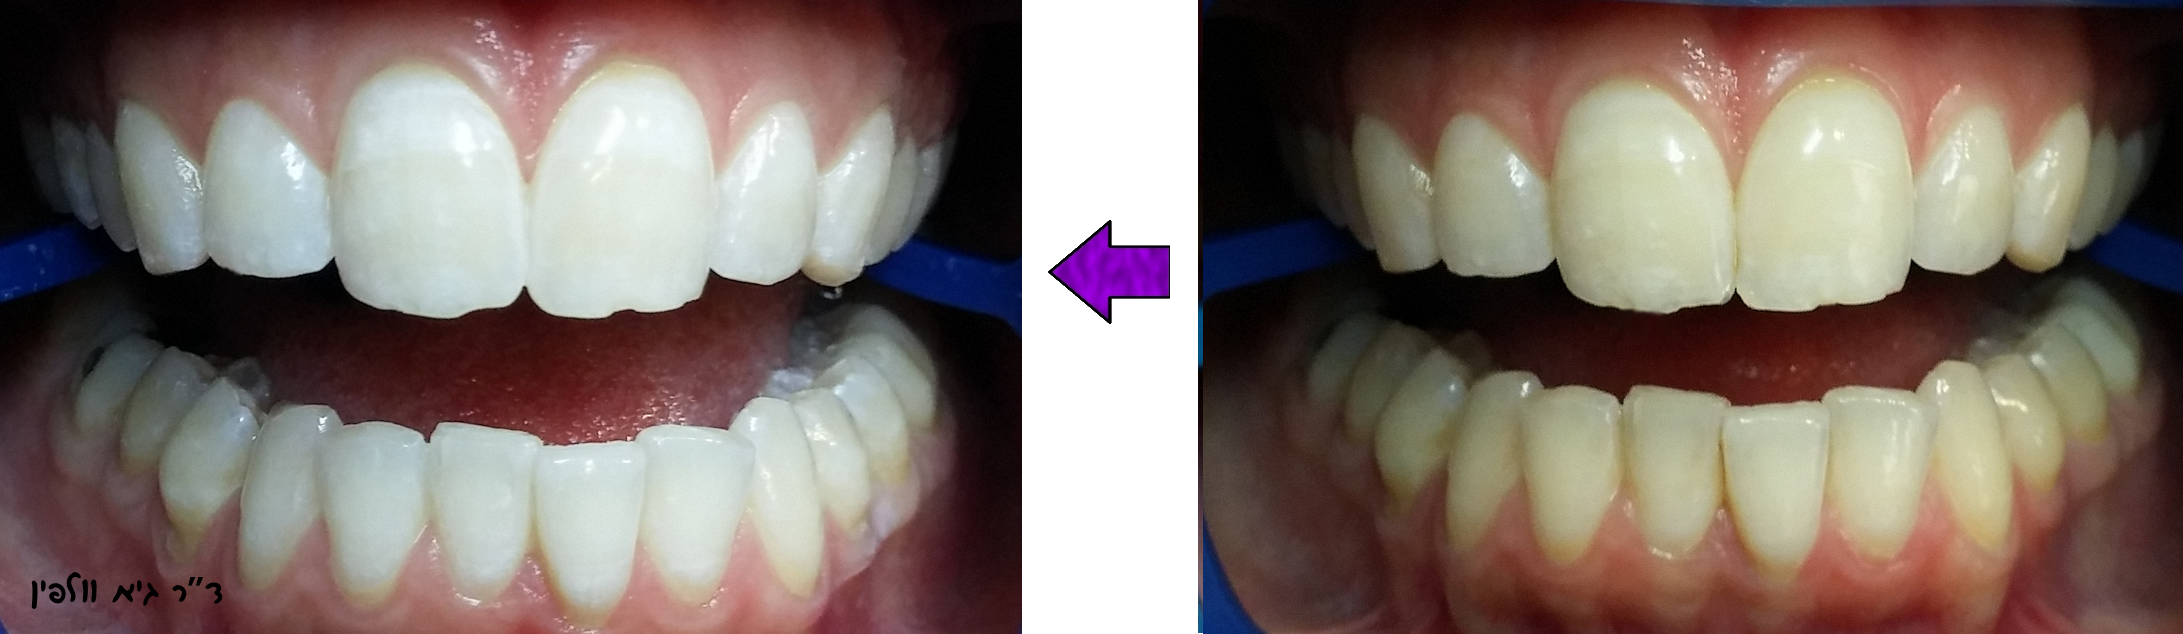 הלבנת שיניים תוך שעה במרפאה, ד''ר גיא וולפין, אסתטיקה דנטלית, ZOOM